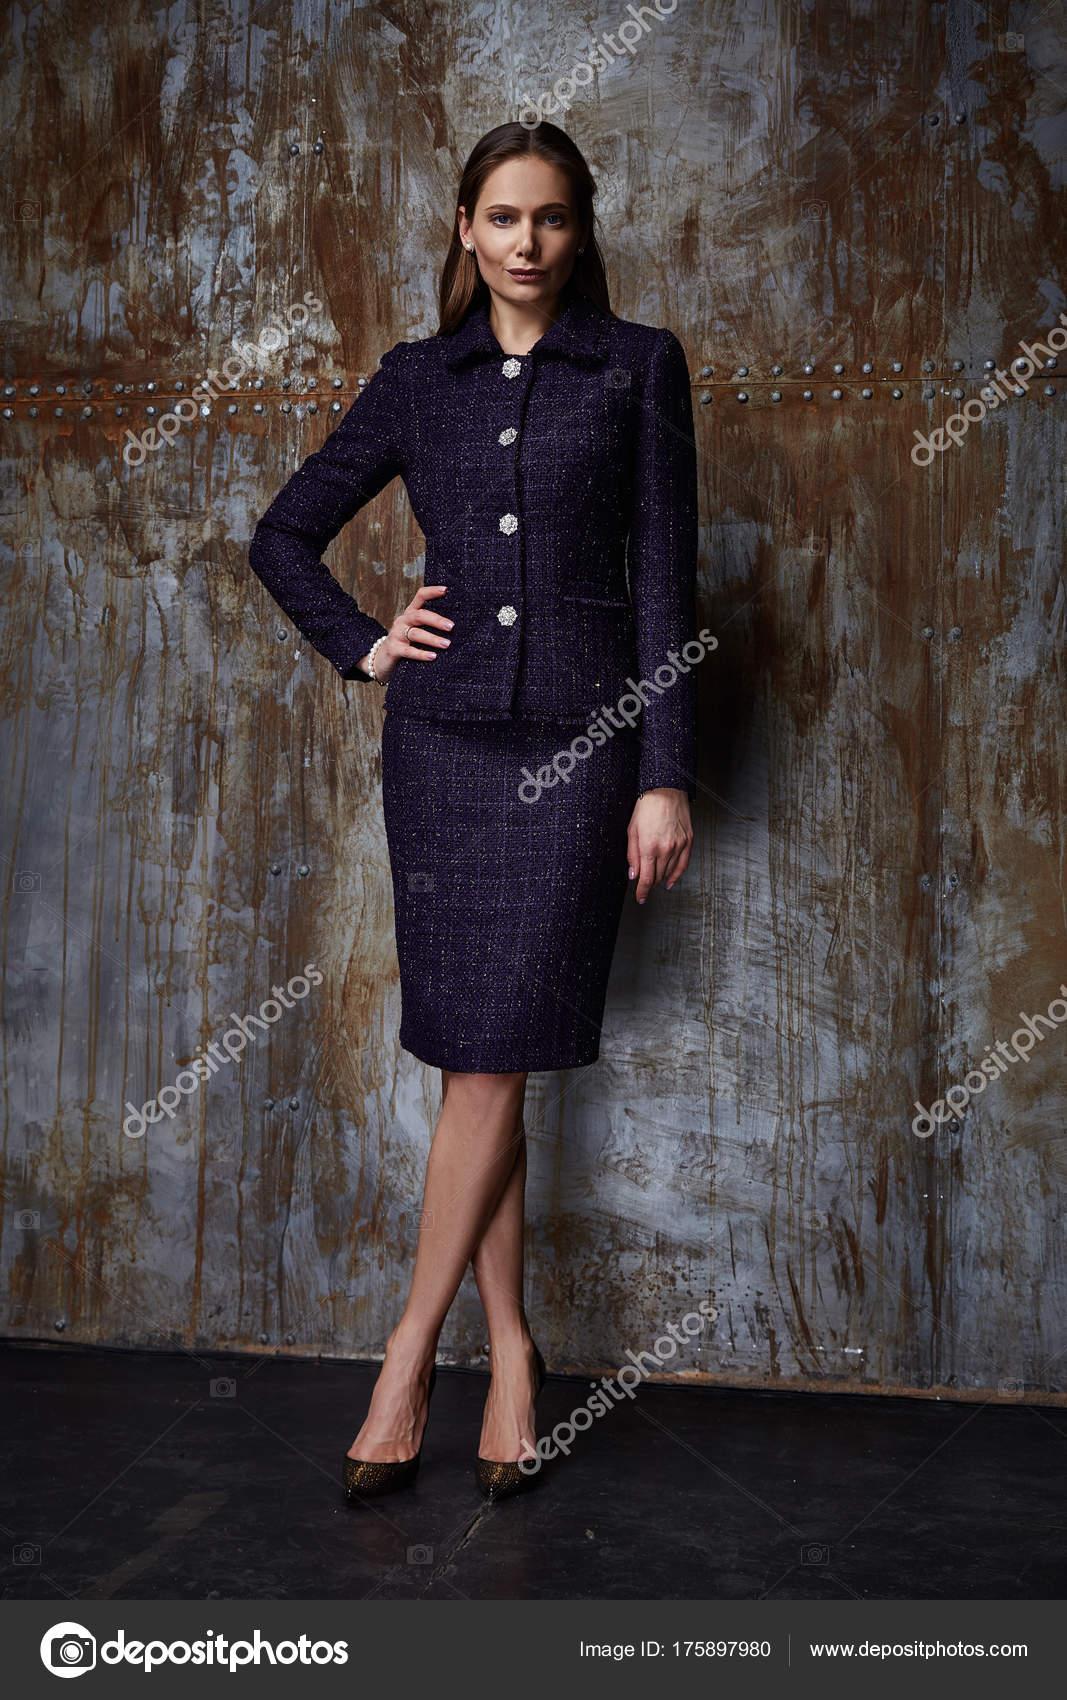 Schönheit Frau Modell tragen stilvolles Design Trend Kleidung Anzug ...